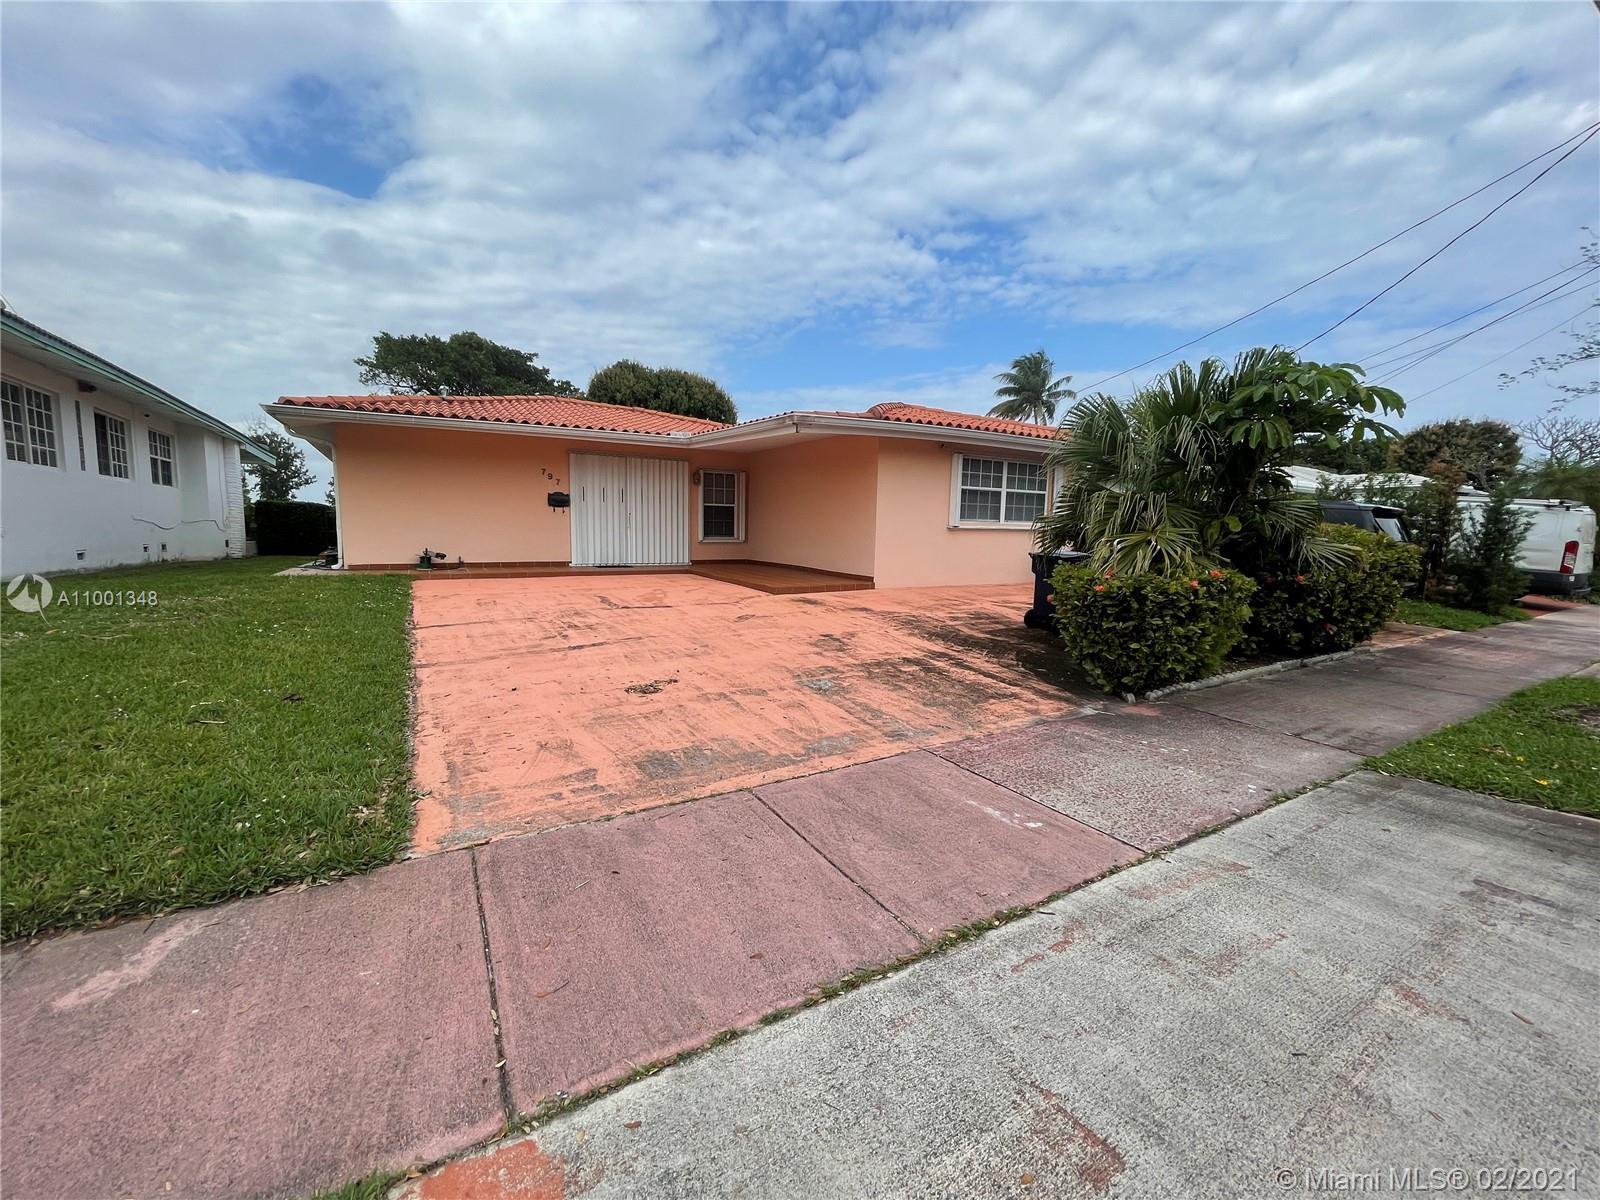 Isle of Normandy - 797 S S Shore Dr, Miami Beach, FL 33141